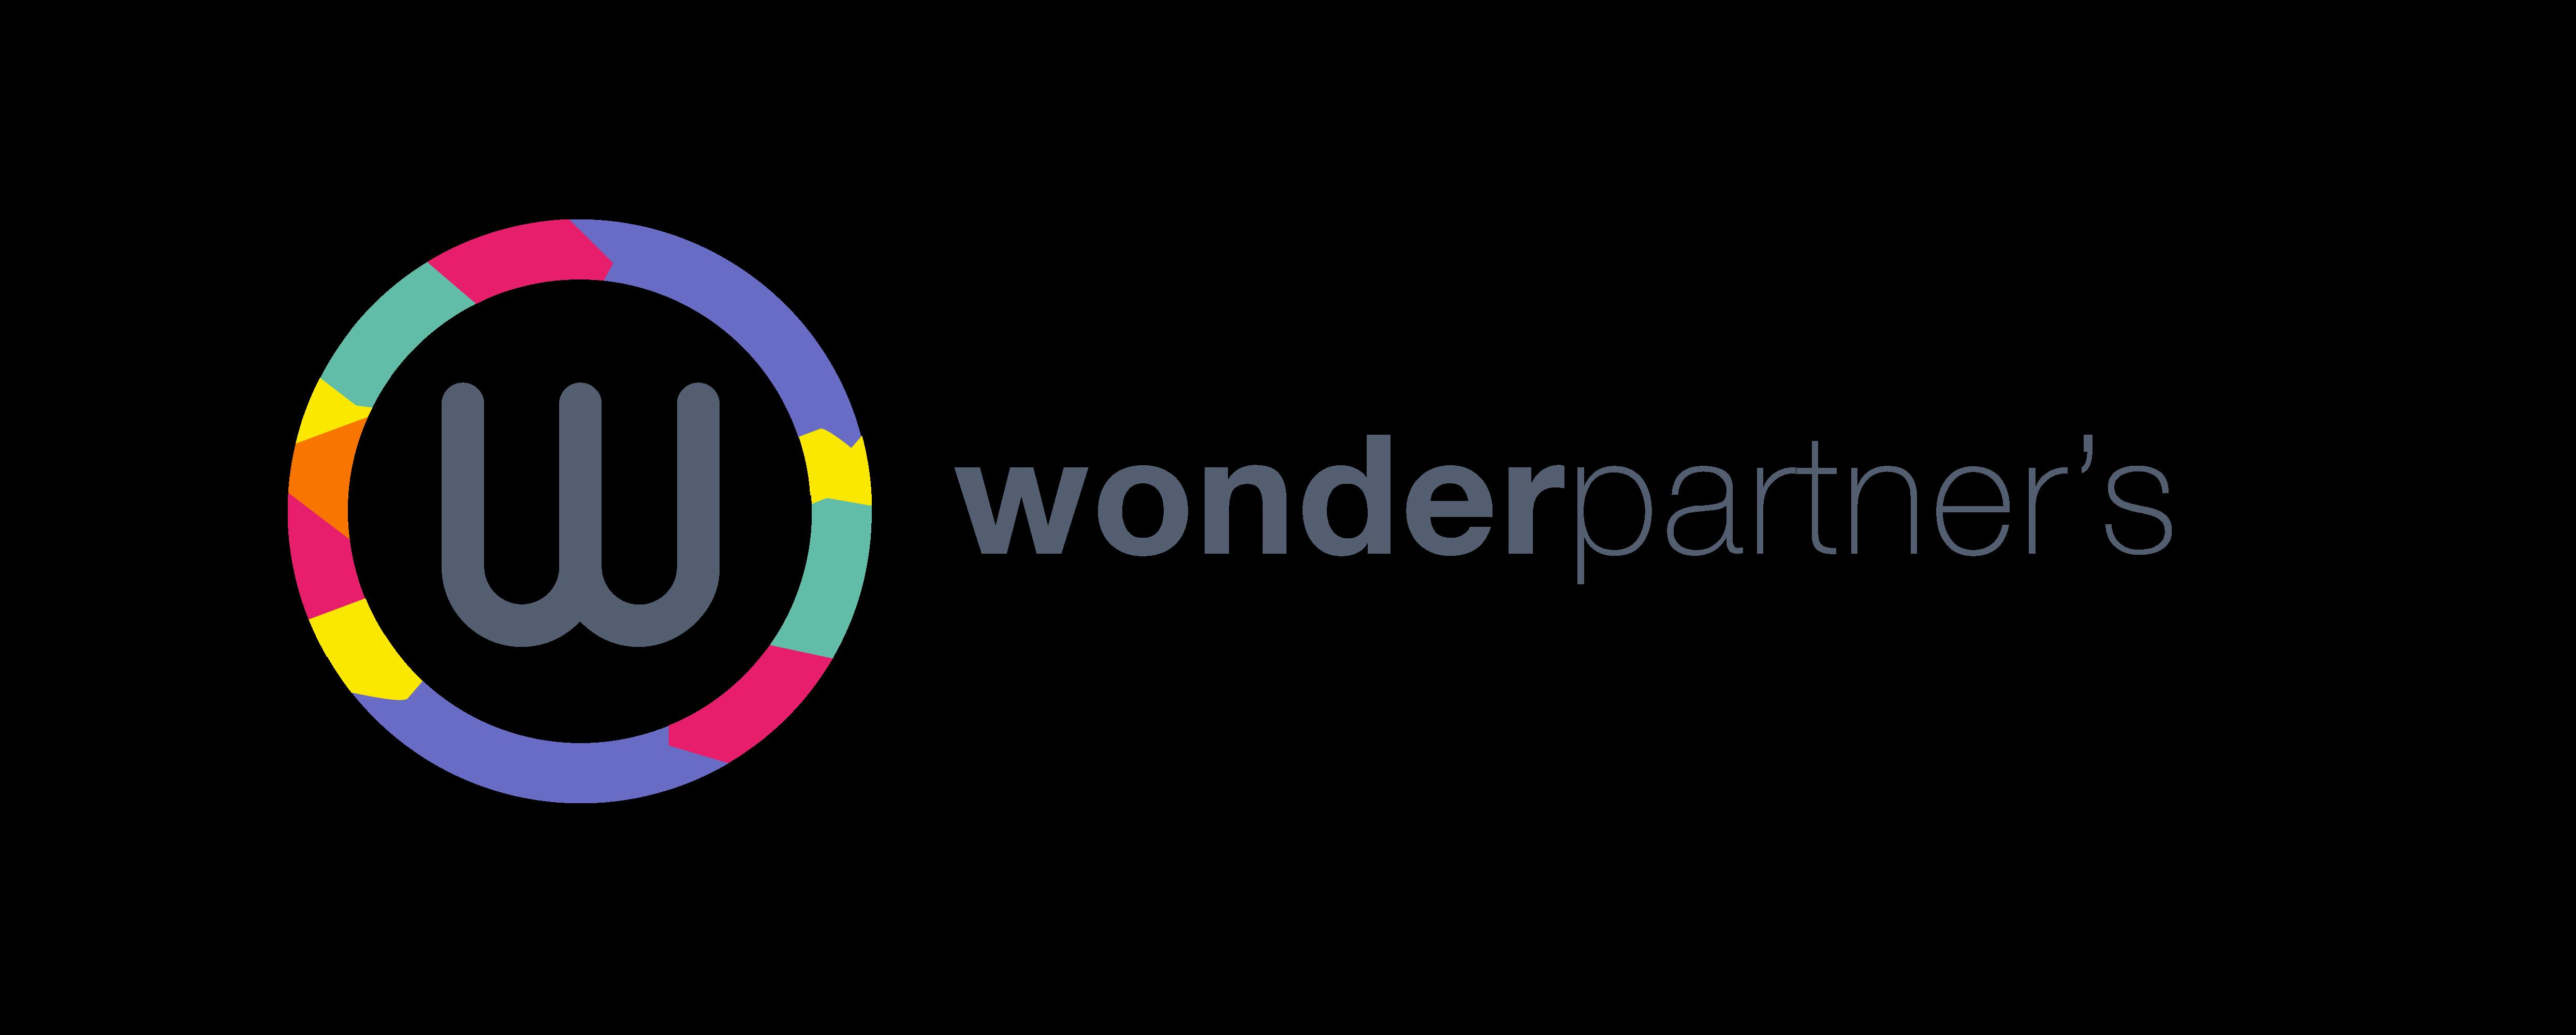 Wonder Partner's